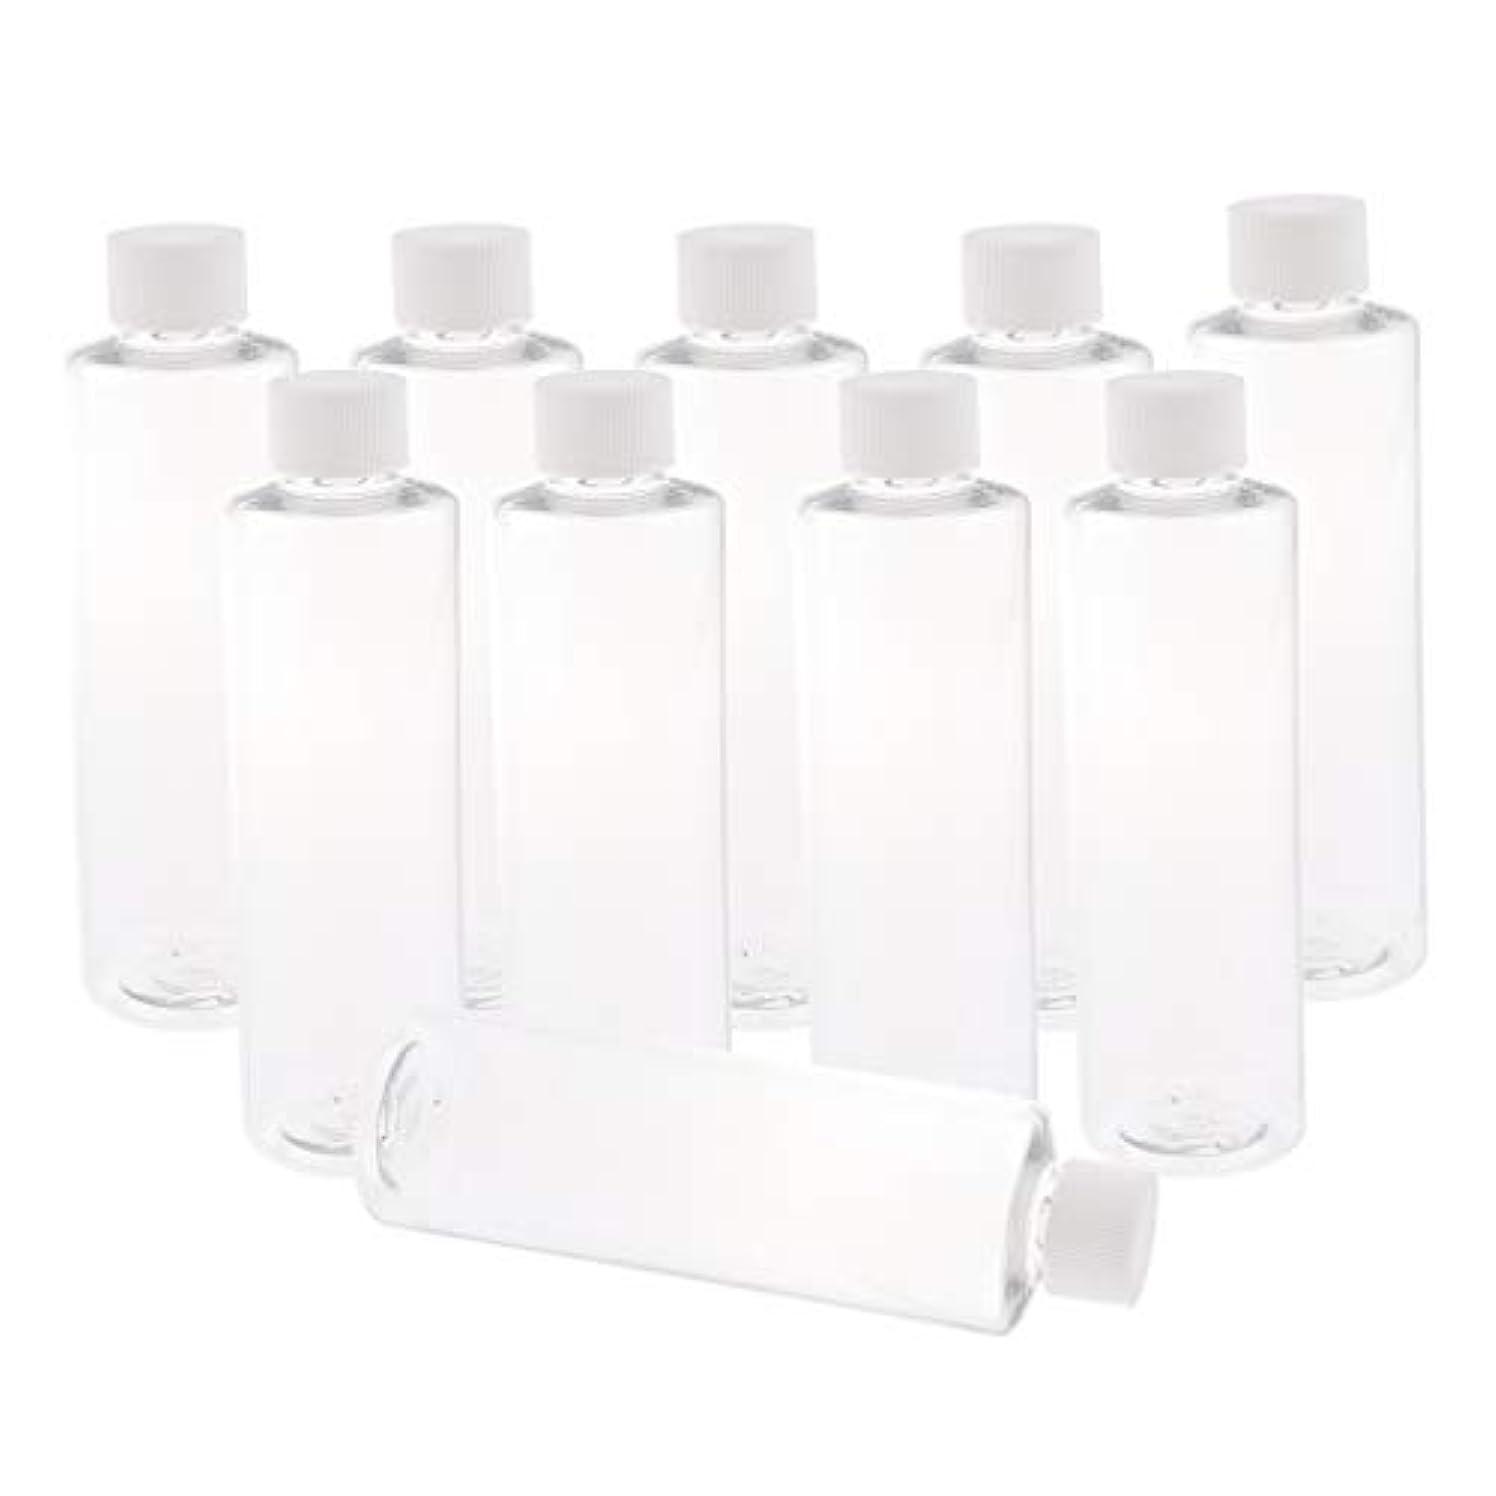 領収書葉巻生物学F Fityle 全3色 200ミリリットル PETボトル 空のボトル プラスチックボトル 詰替え容器 - ホワイトキャップ